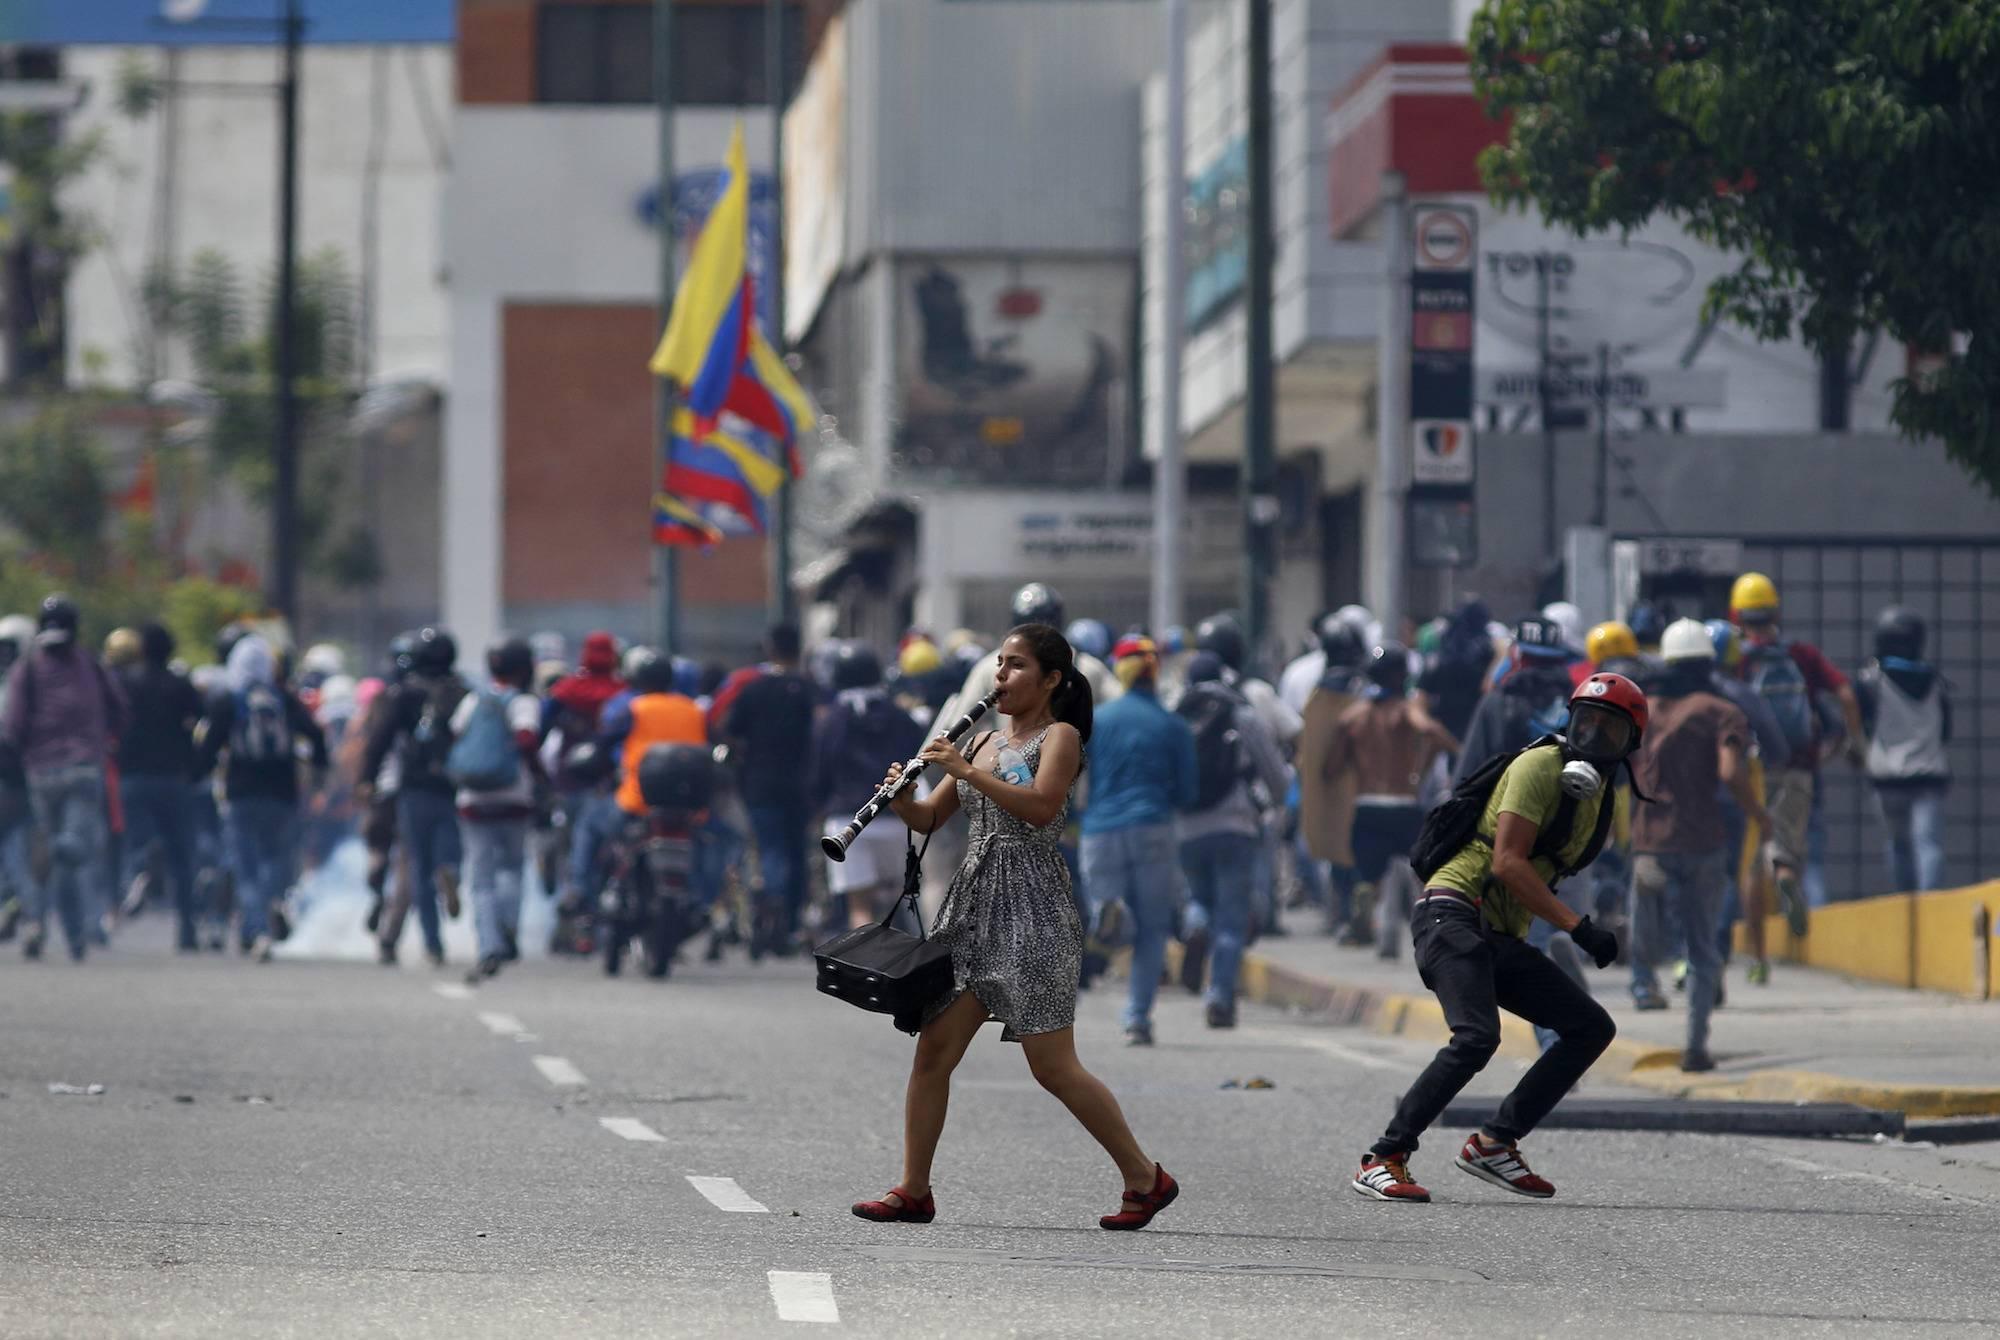 Una mujer joven toca su clarinete en medio de enfrentamientos entre manifestantes antigubernamentales y fuerzas de seguridad, durante una protesta en Caracas, Venezuela, hoy jueves 6 de julio de 2017. (Foto AP / Ariana Cubillos)